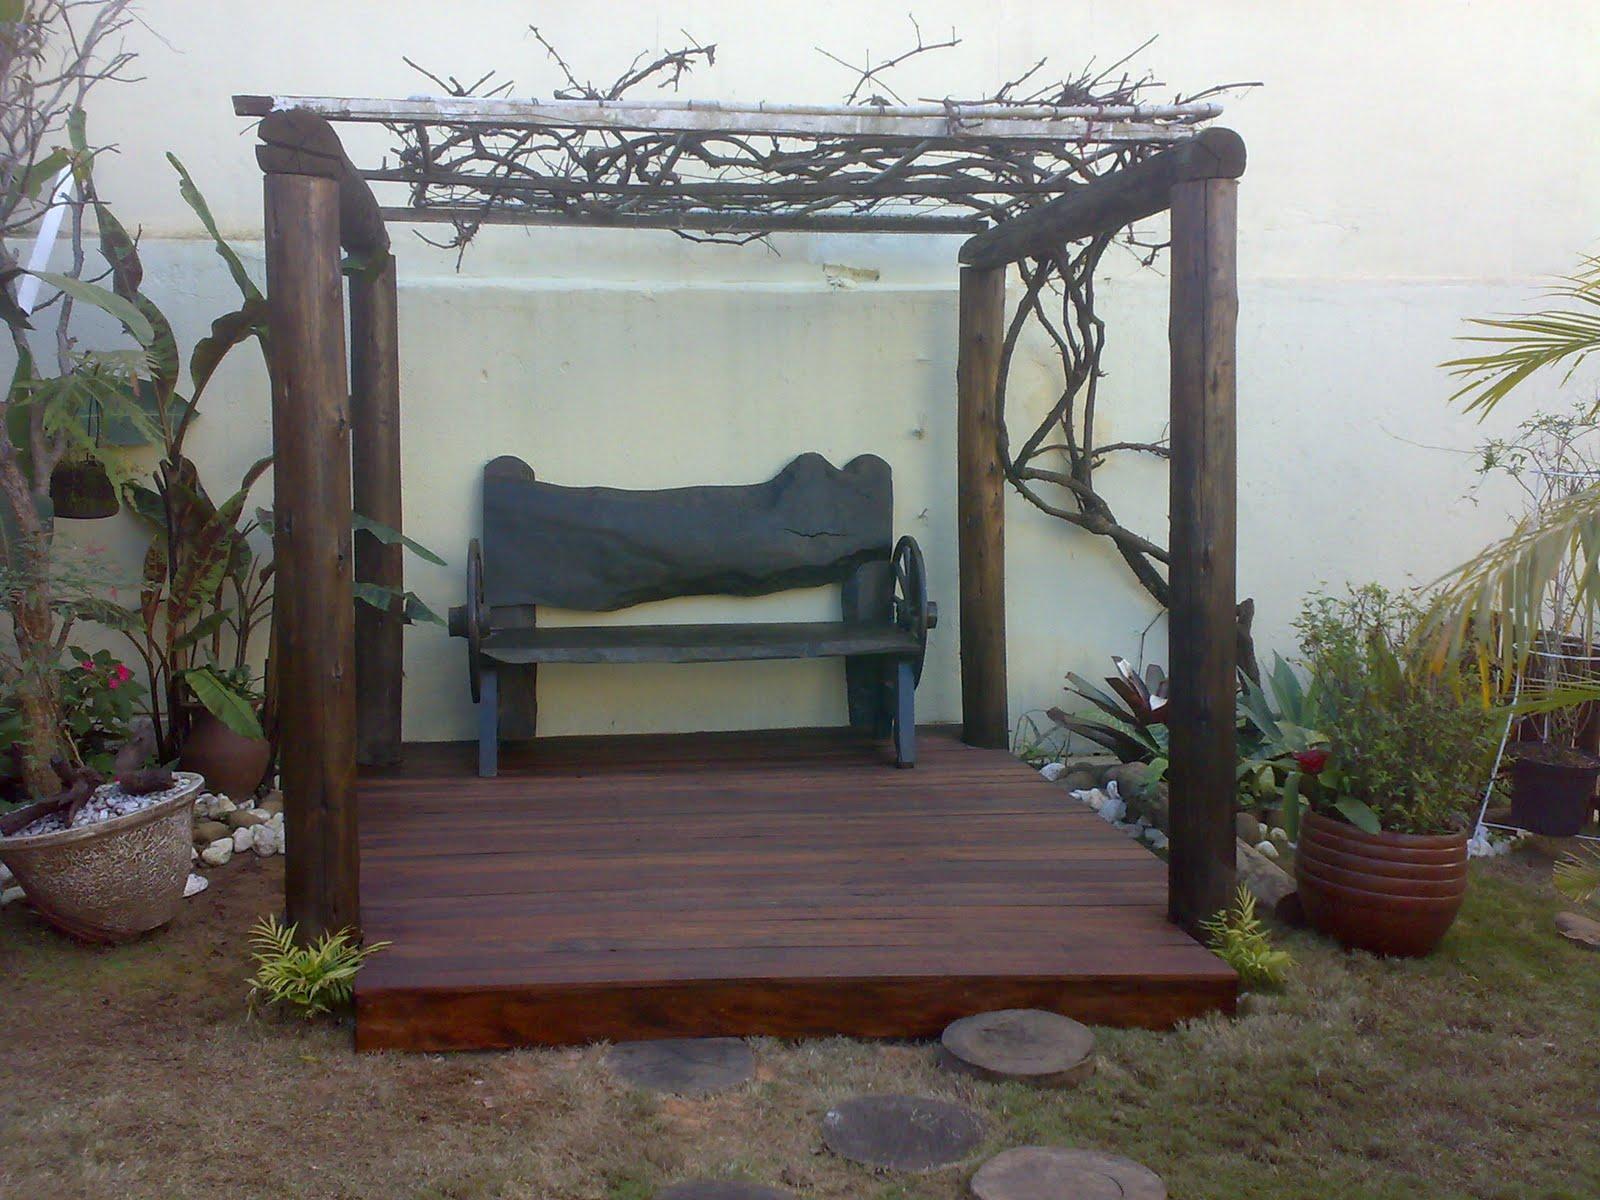 banco de jardim medidas : banco de jardim medidas:banco de jardim para 2 pessoas todo ripado com verniz para área